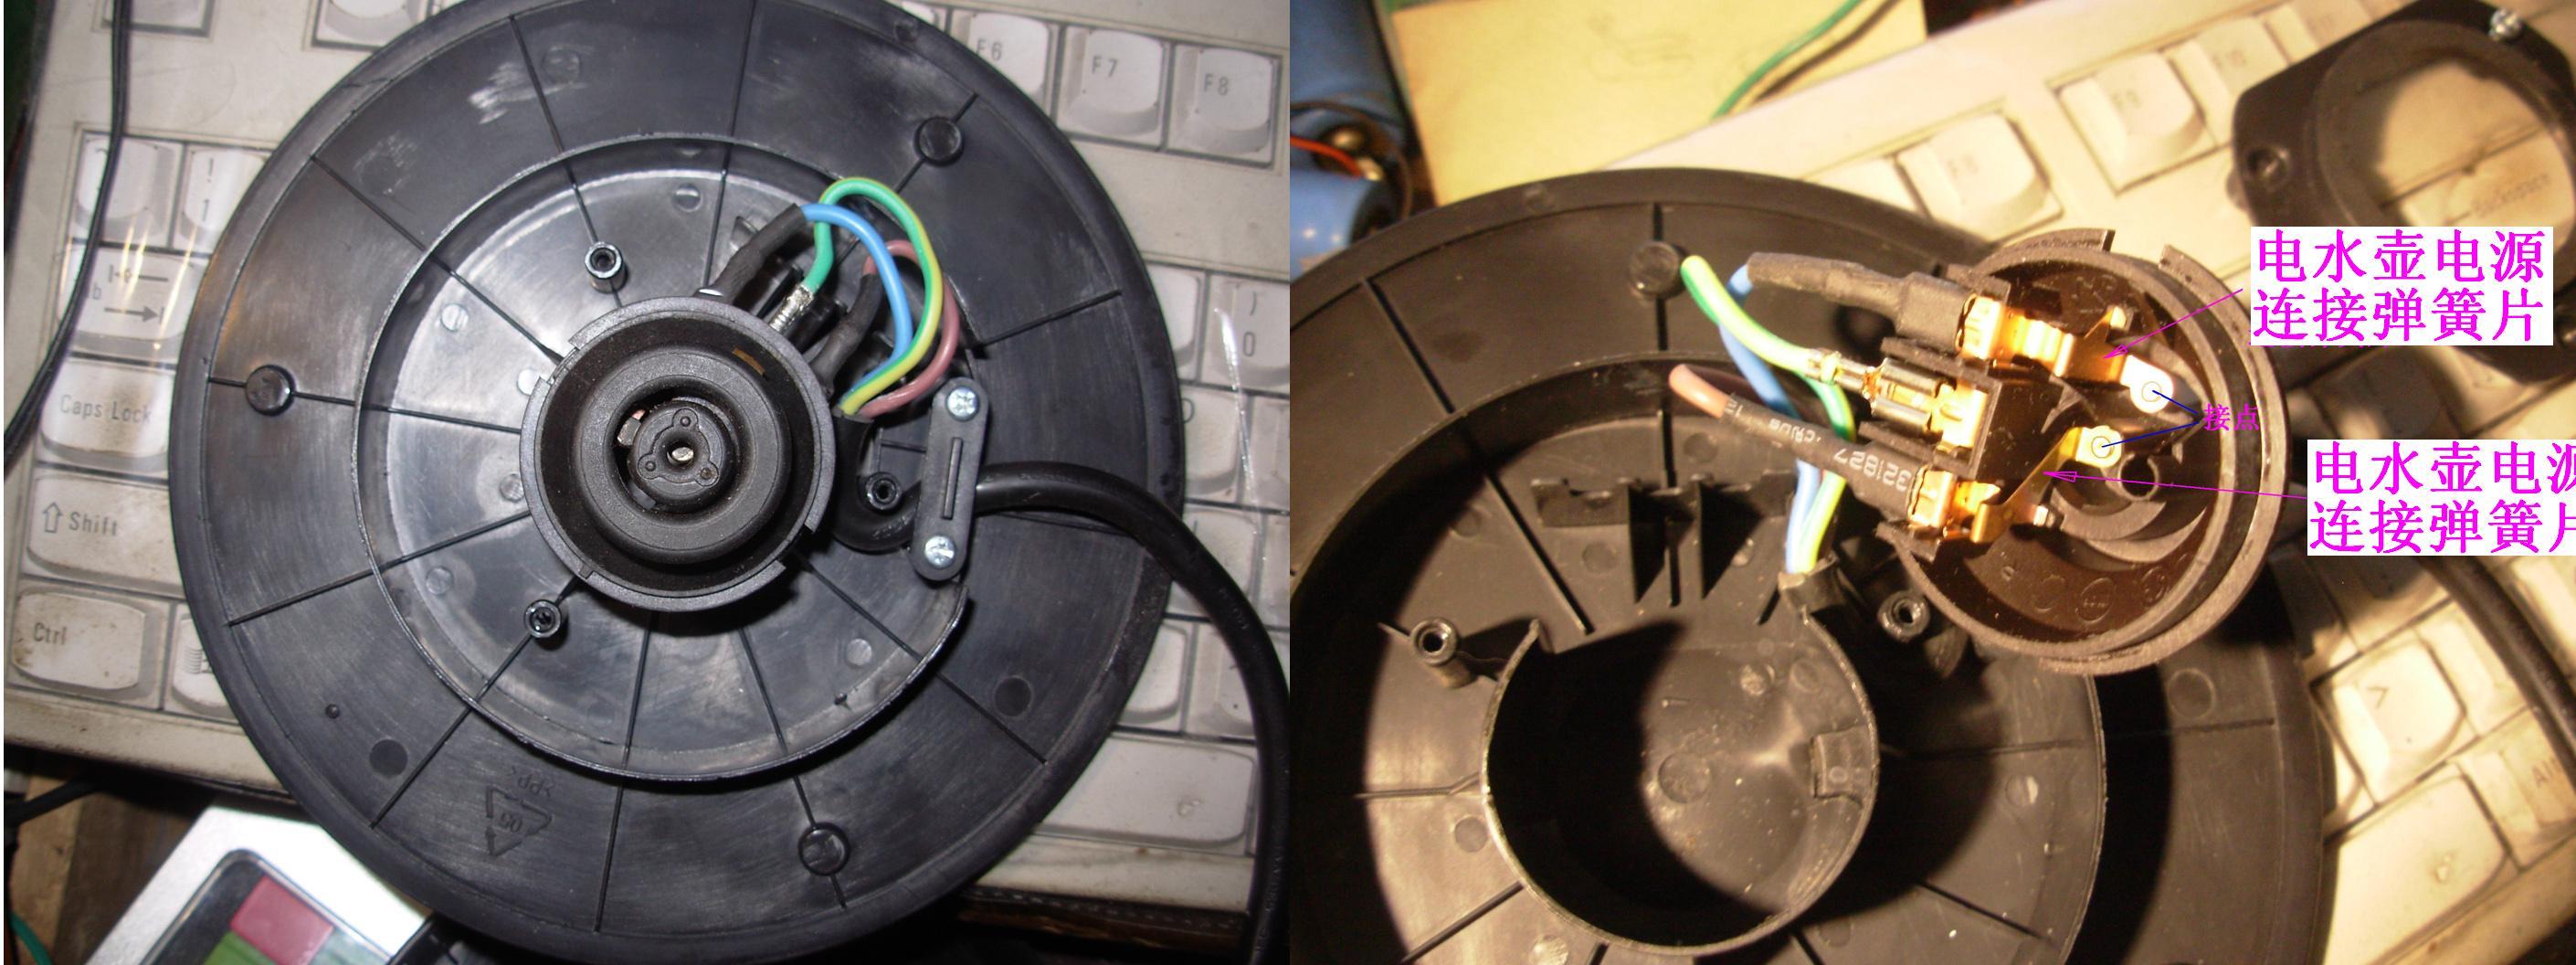 热水壶电源底座的两电源接触点接触不好如何修